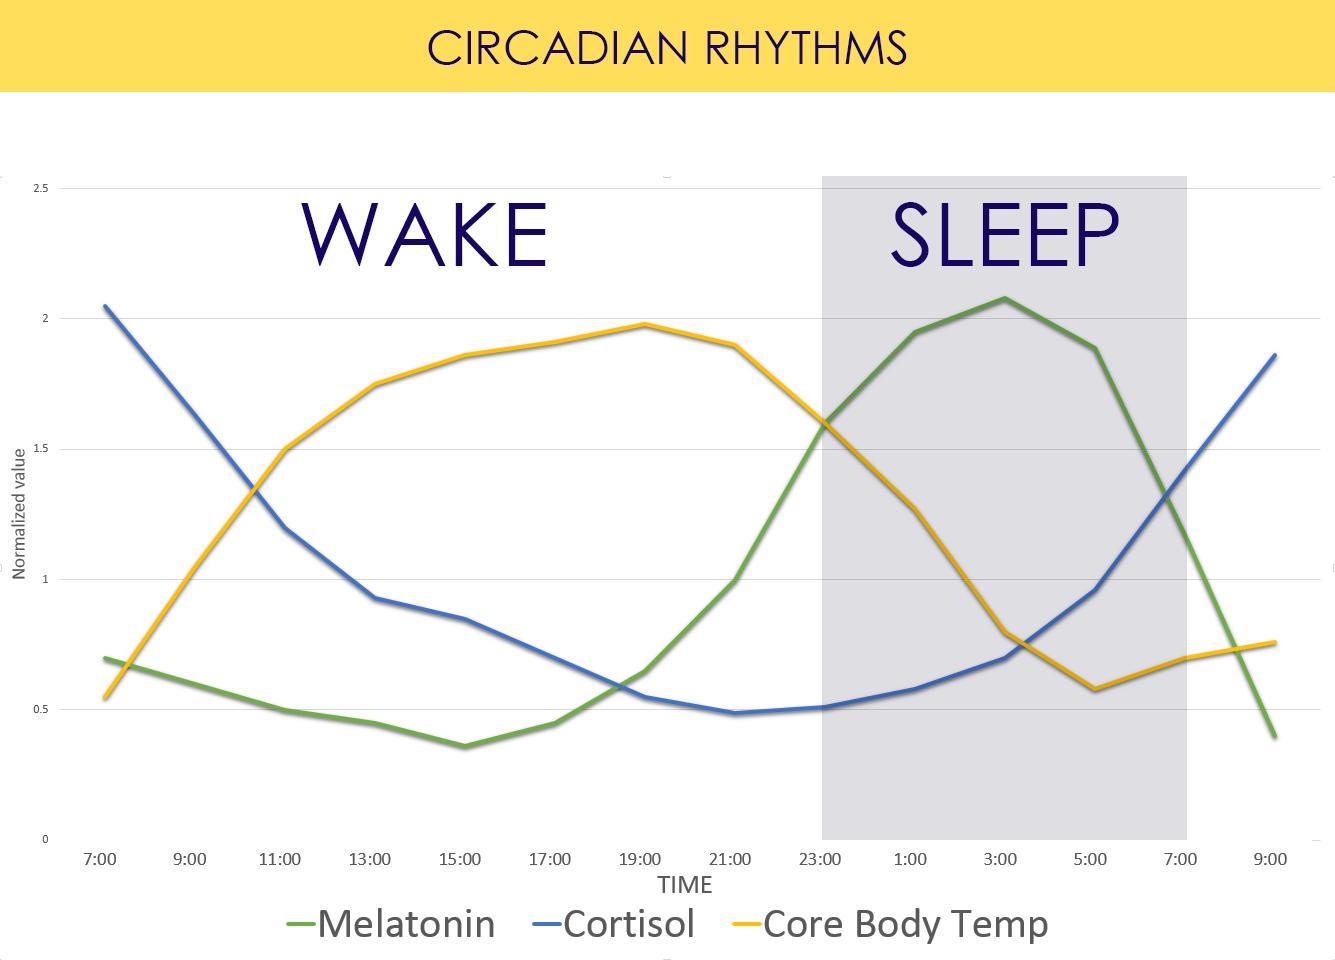 График выработки гормонов кортизола и мелатонина, а также изменение температуры тела в течение суток